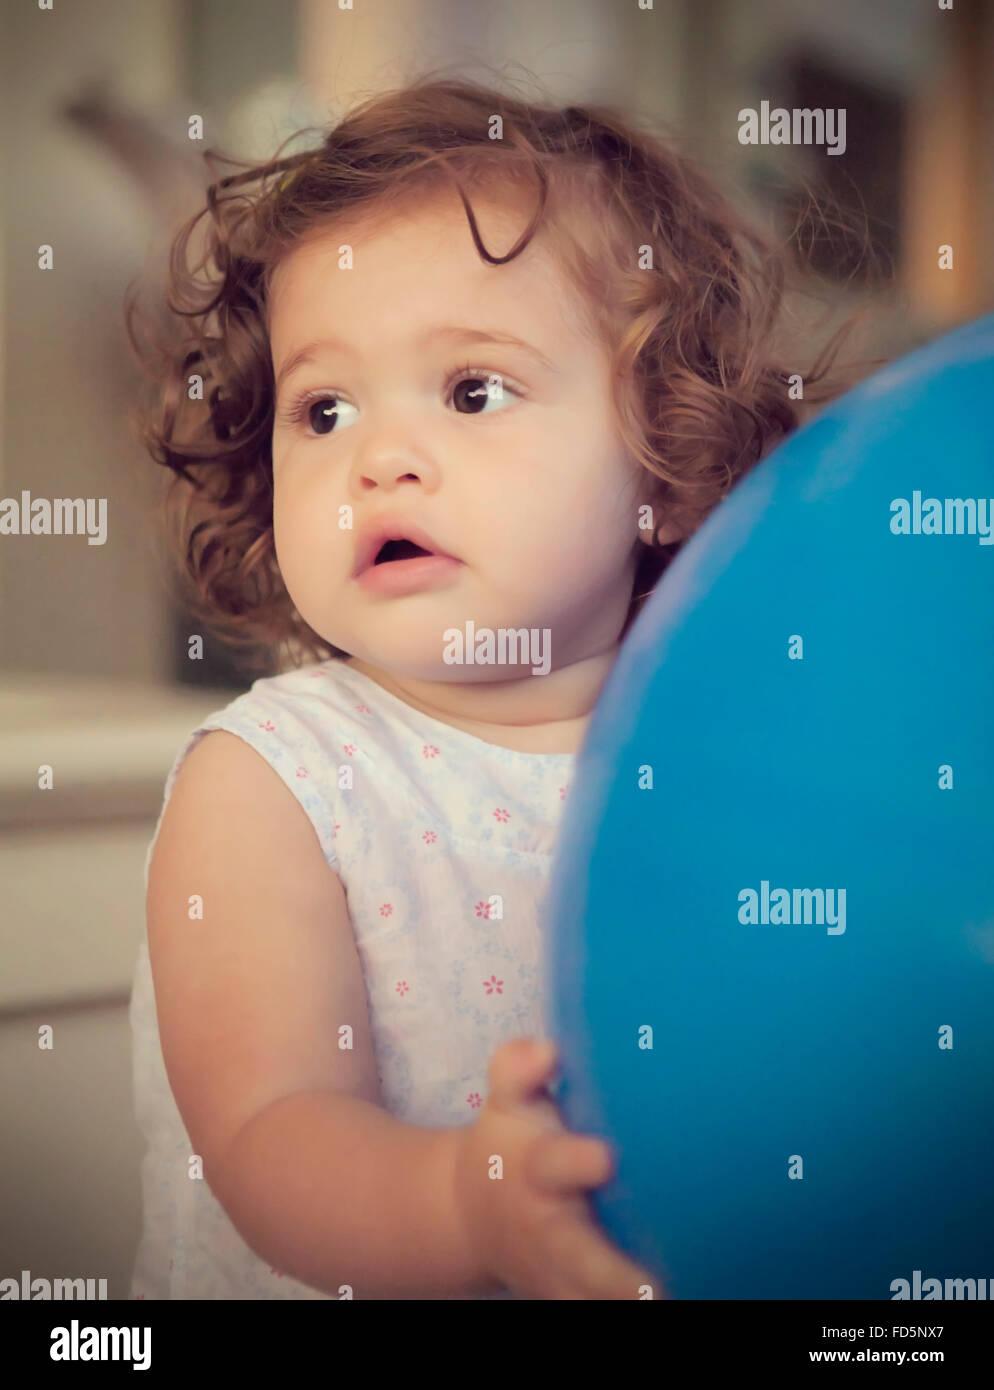 Niño Niña con cabello castaño rizado mirando hacia el lado sujetando una gran  bola azul. 1e3147dfce0